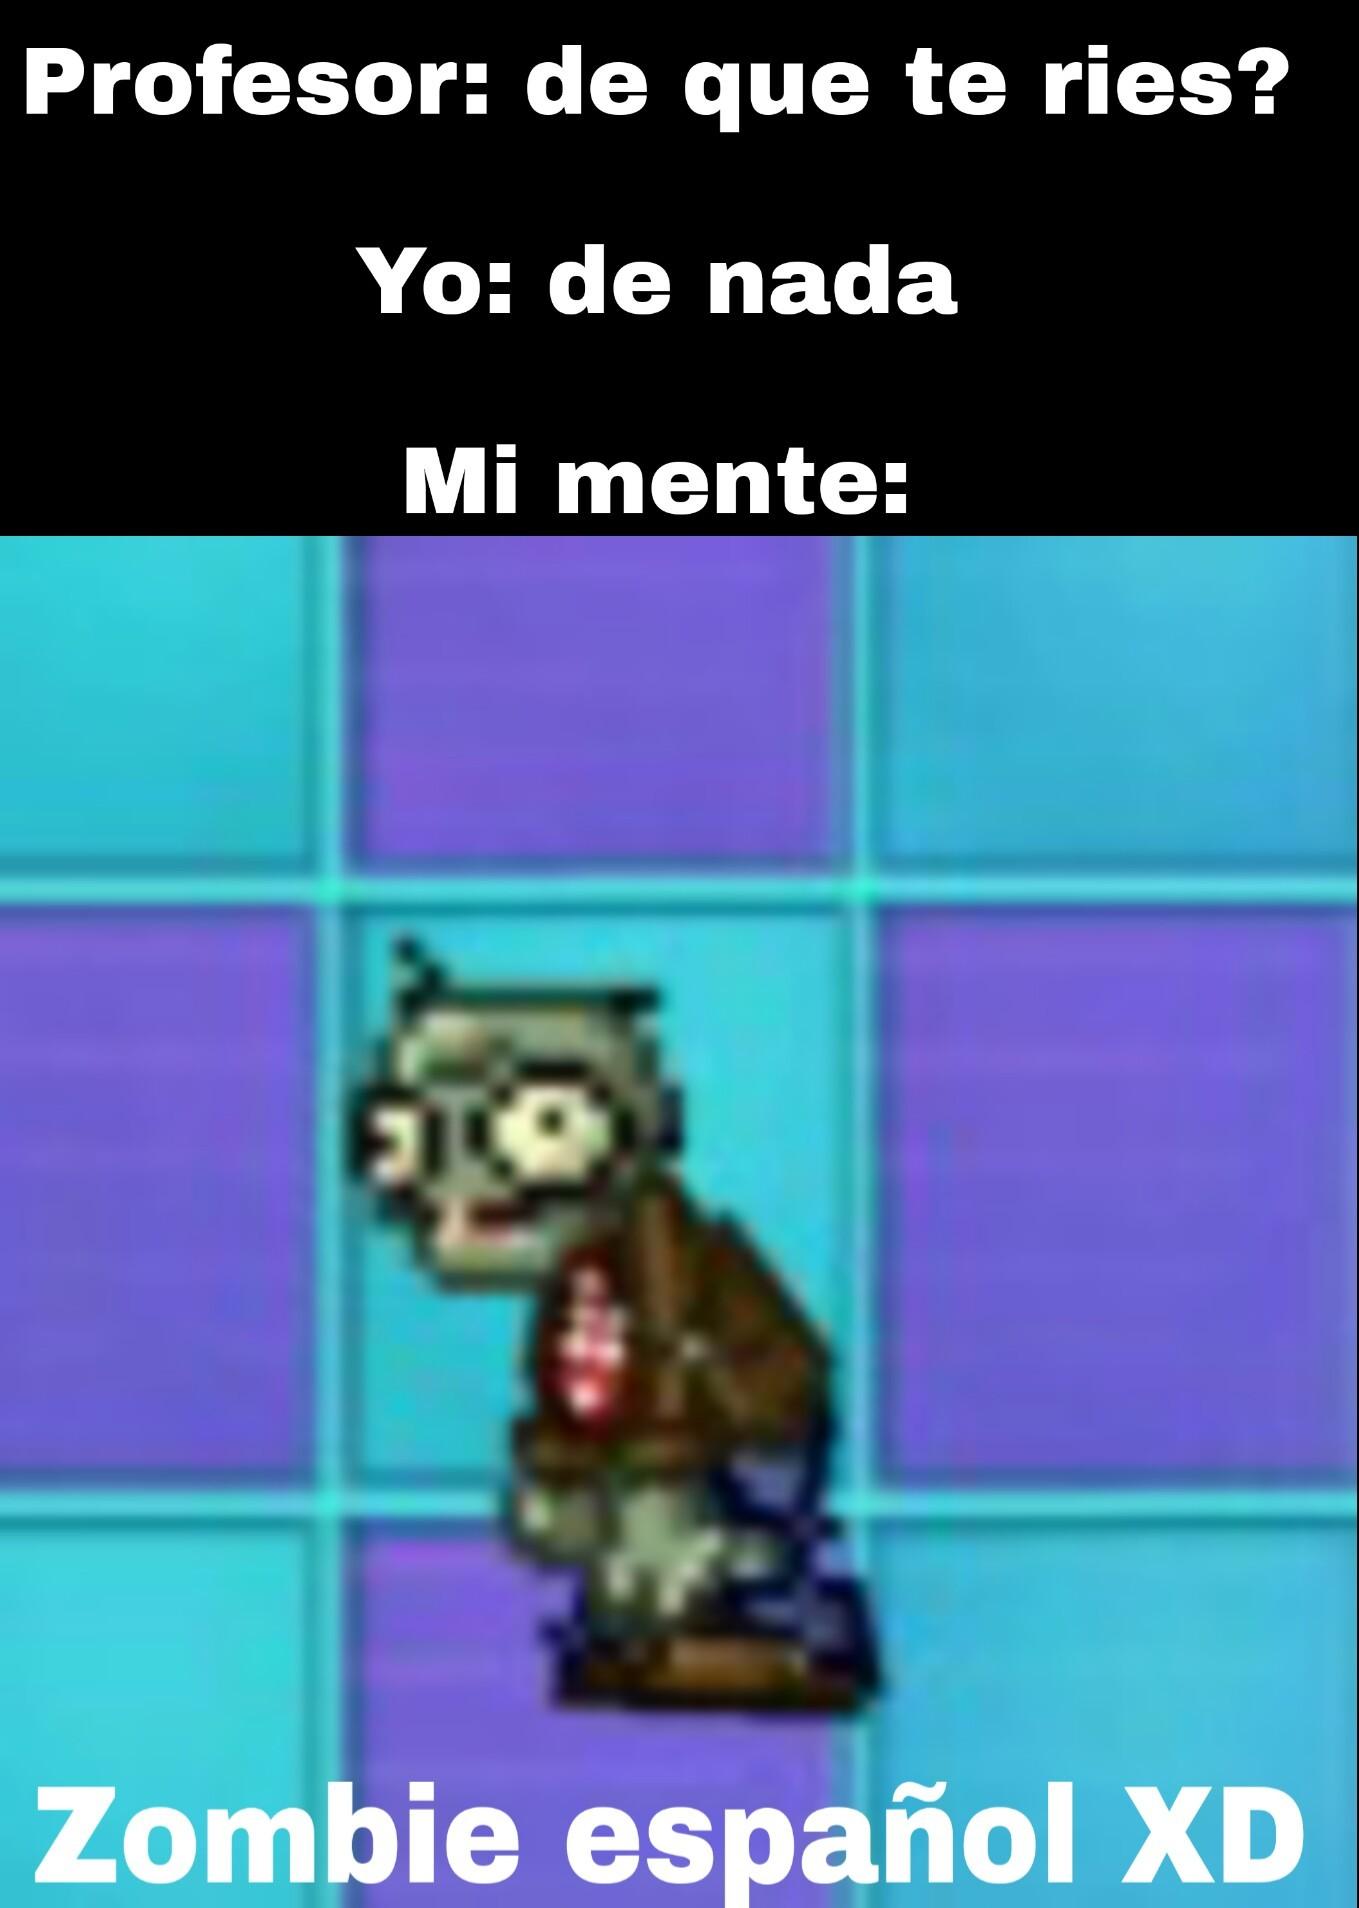 Zombie español XD - meme